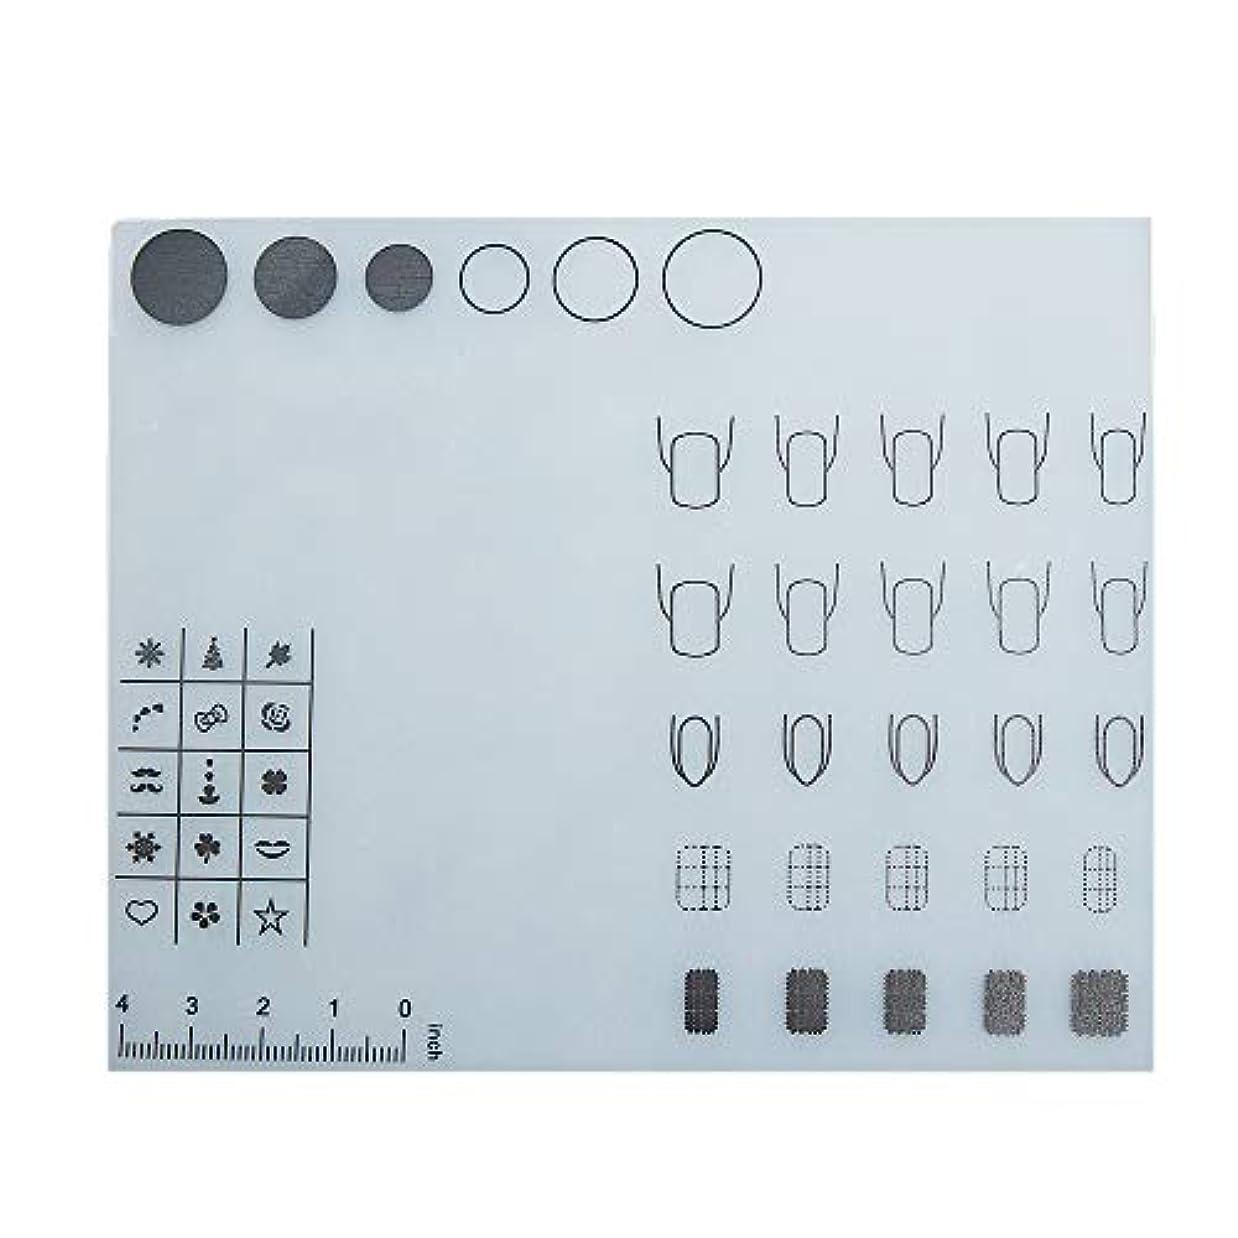 揺れるビザマウンドDecdeal ネイルアートテーブルマット 折り畳み式パッド マニキュアクッション ミニ シリコーン ウォッシャブル ひじかけ マニキュアツール